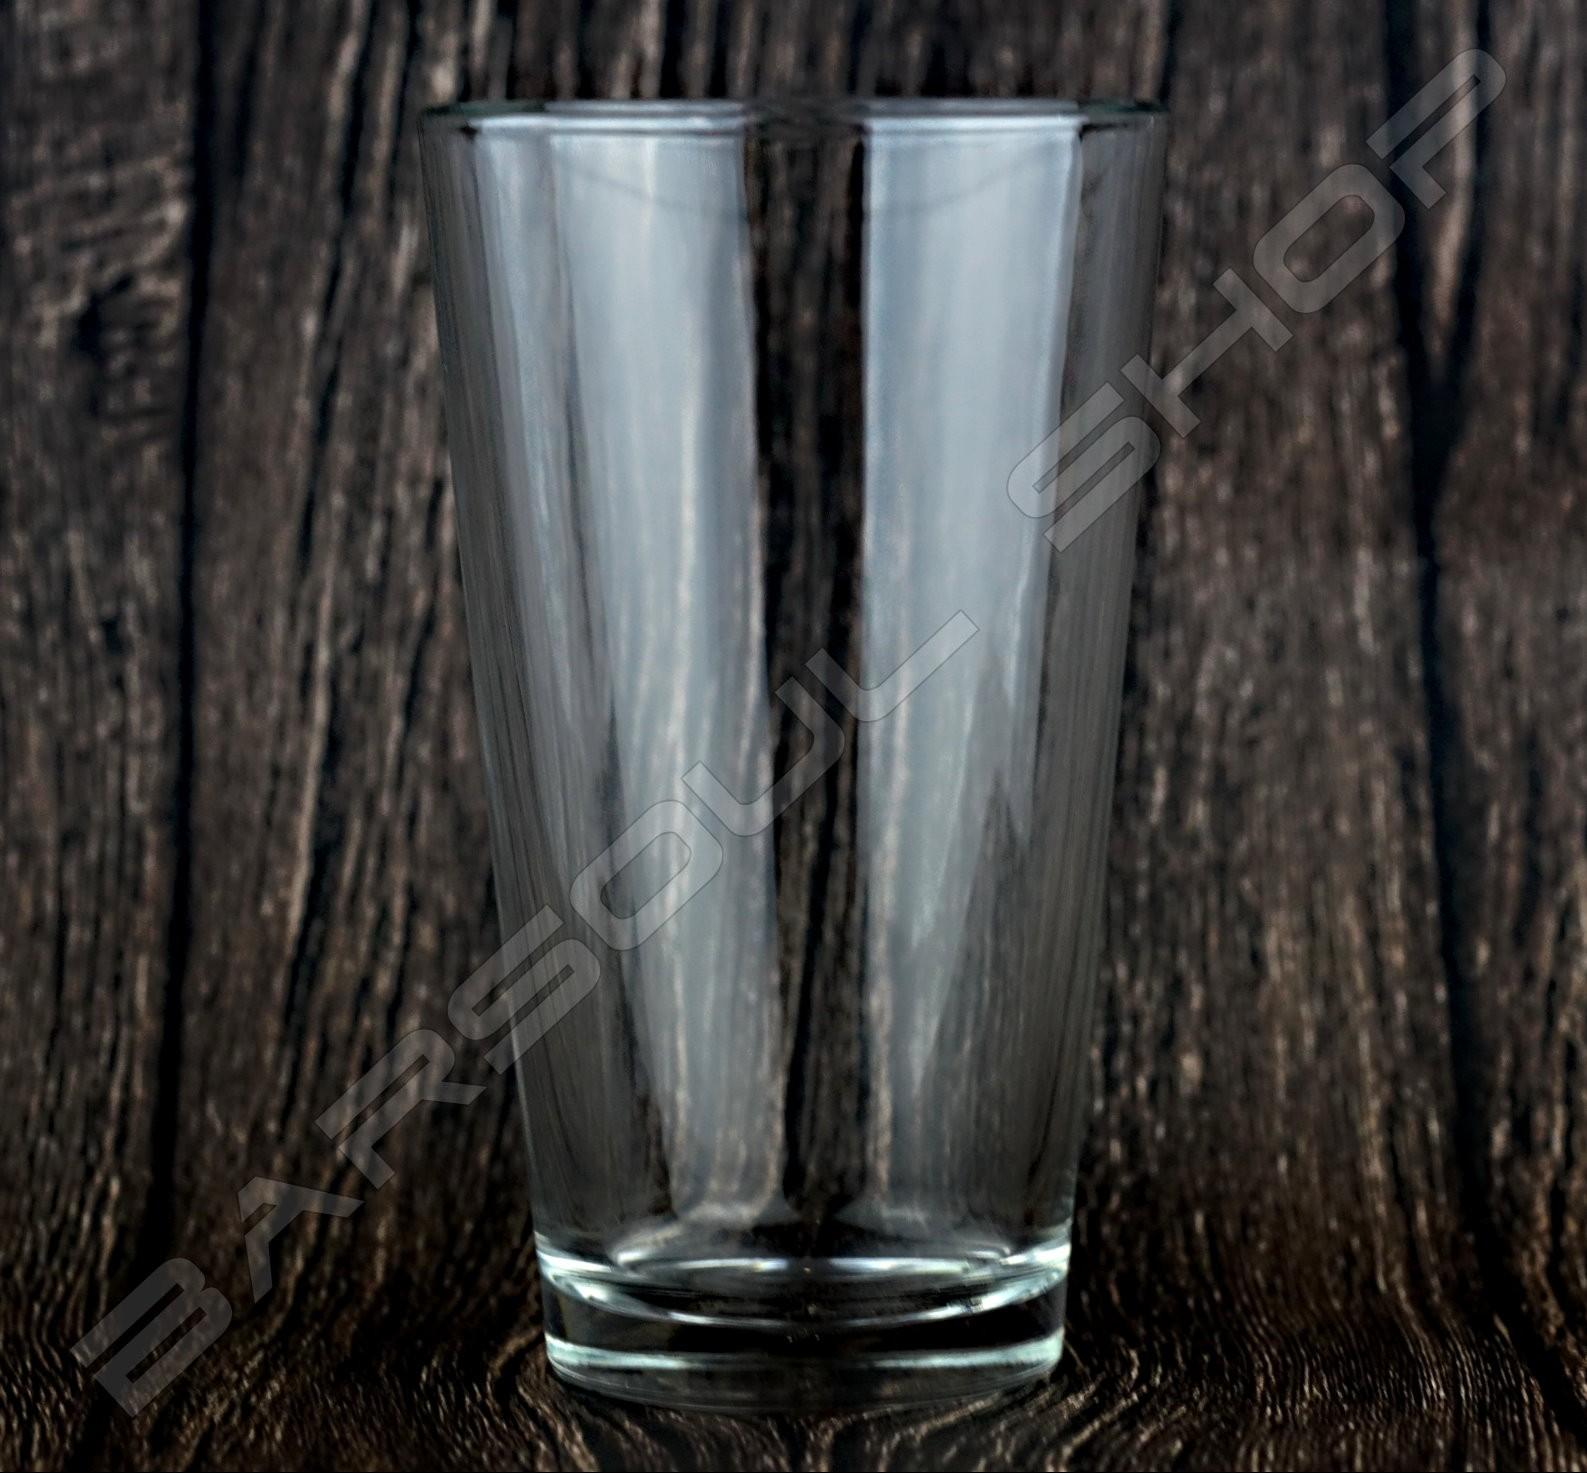 台灣台玻 波士頓玻璃內杯 Taiwan Boston glass